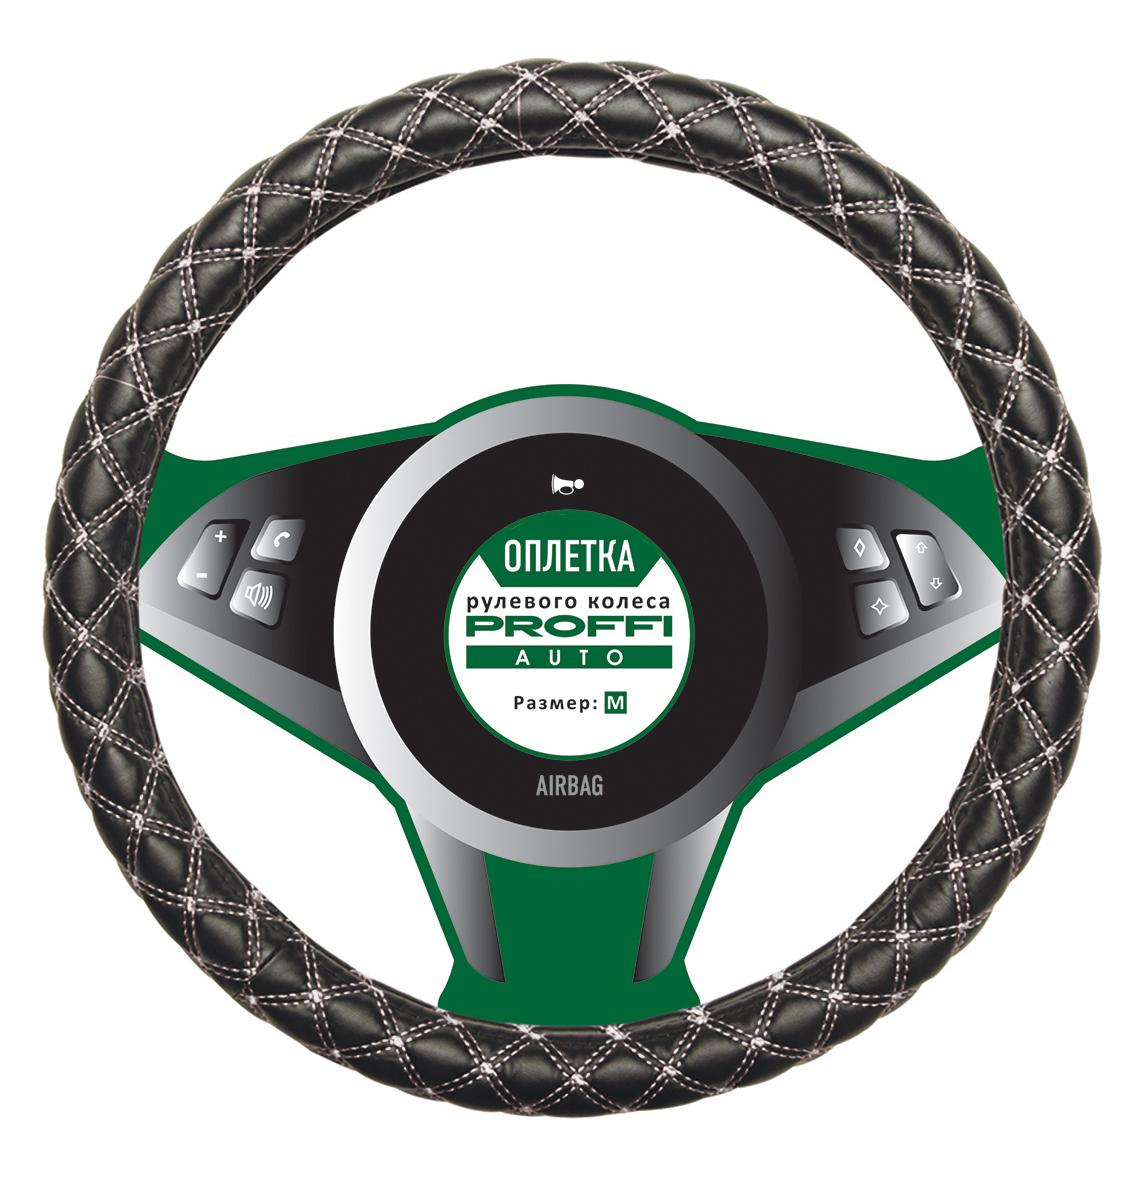 Оплетка рулевого колеса Proffi, цвет: черный, белый, диаметр 38 см